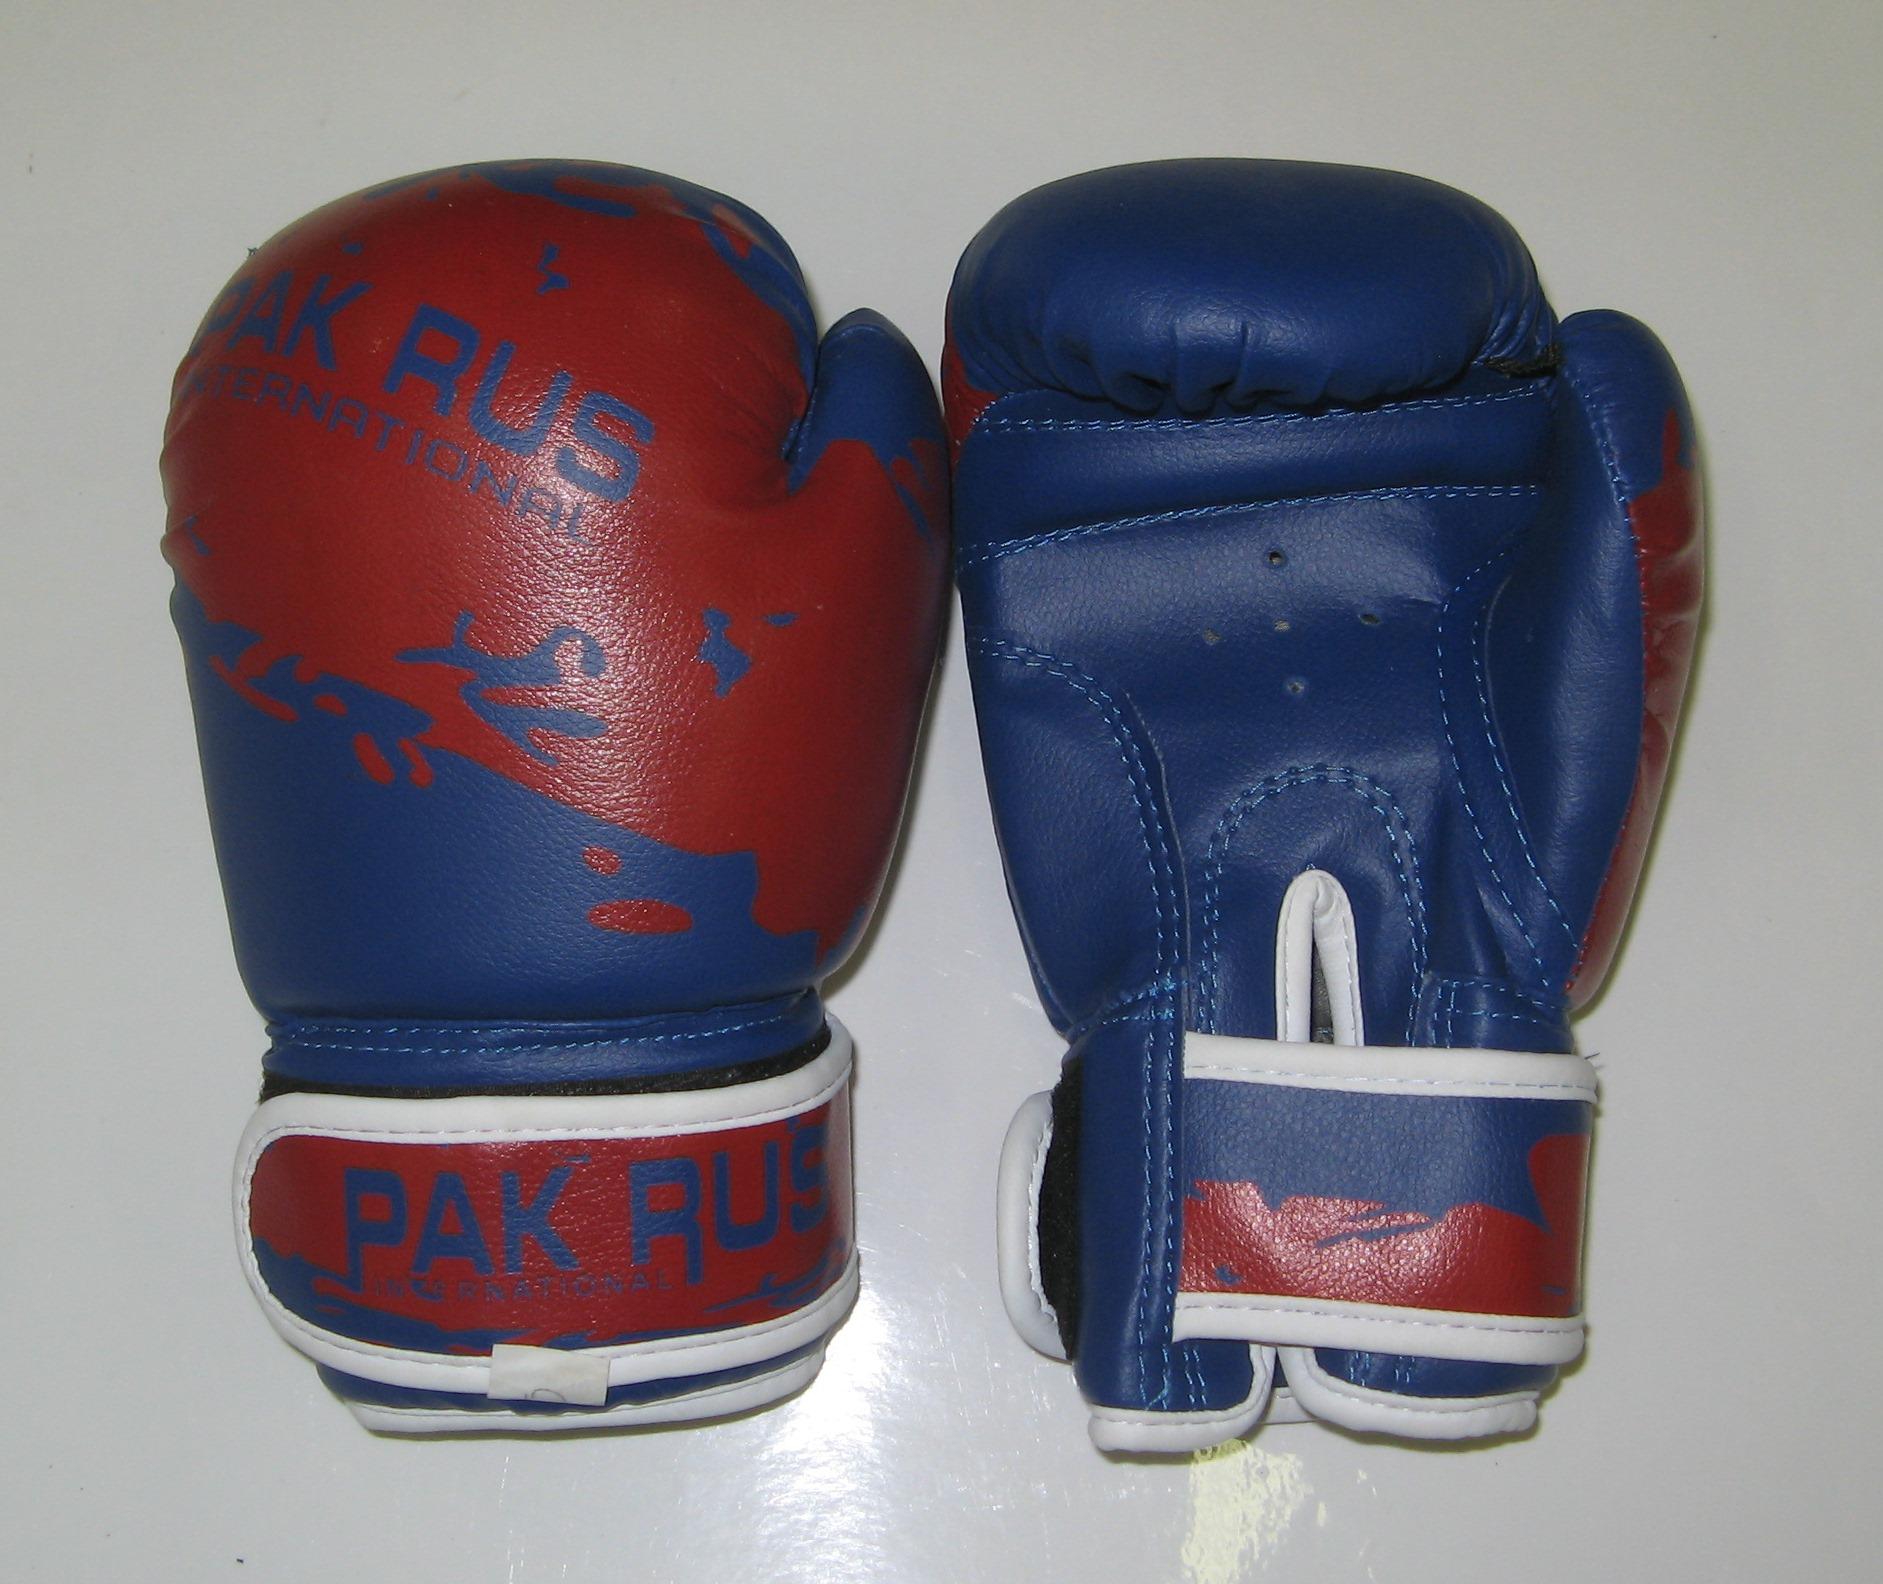 Перчатки боксерские Pak Rus, искусственная кожа, 8 OZ, PR-11-012 - артикул: 801010392